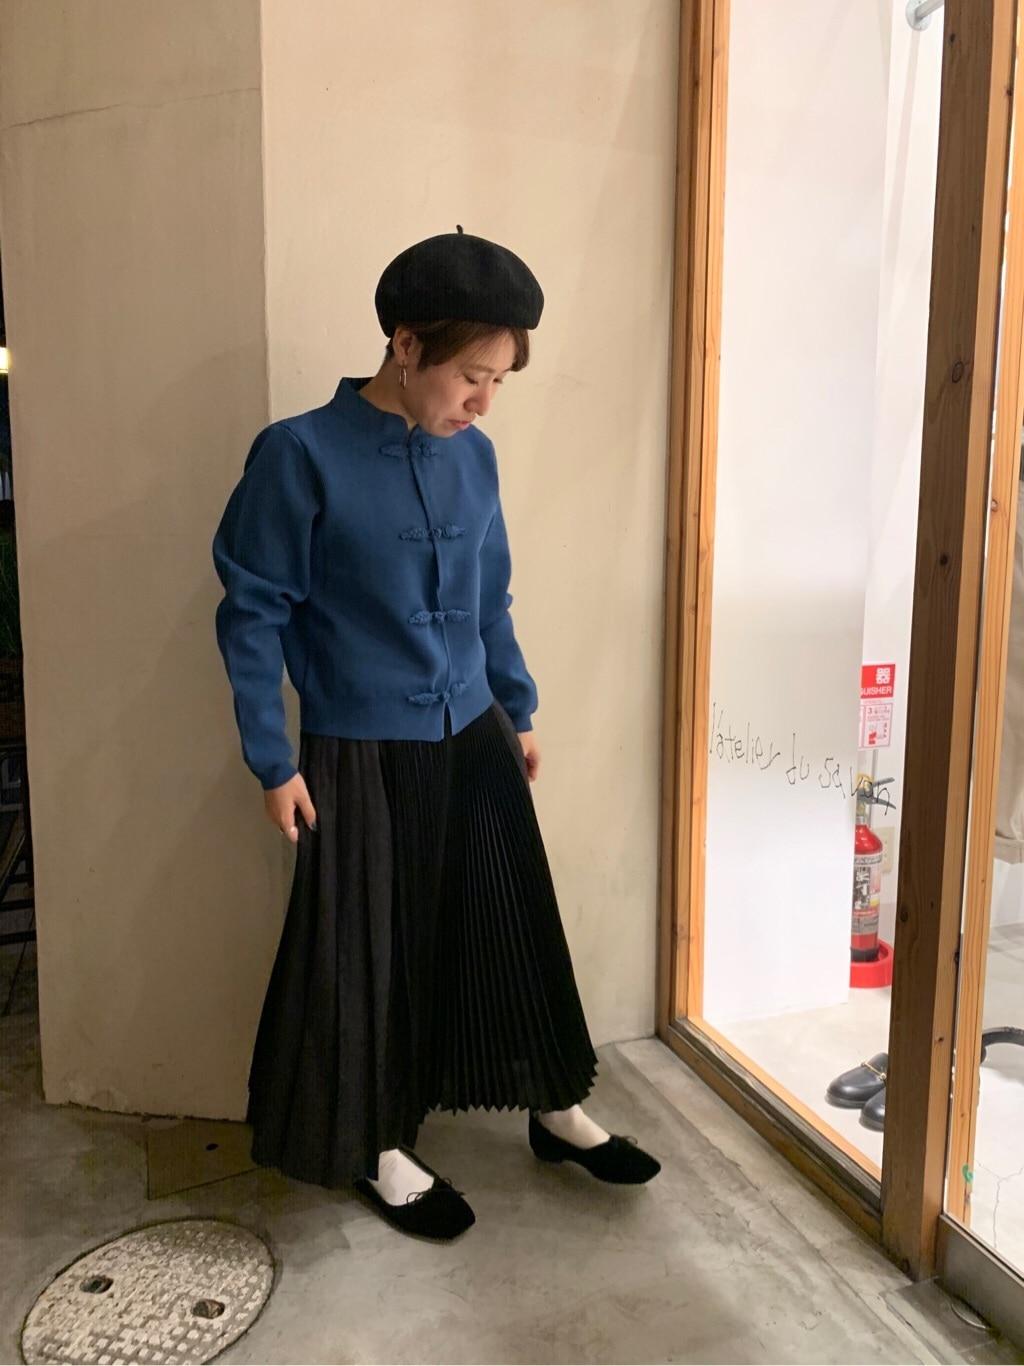 l'atelier du savon 京都路面 身長:148cm 2019.11.26